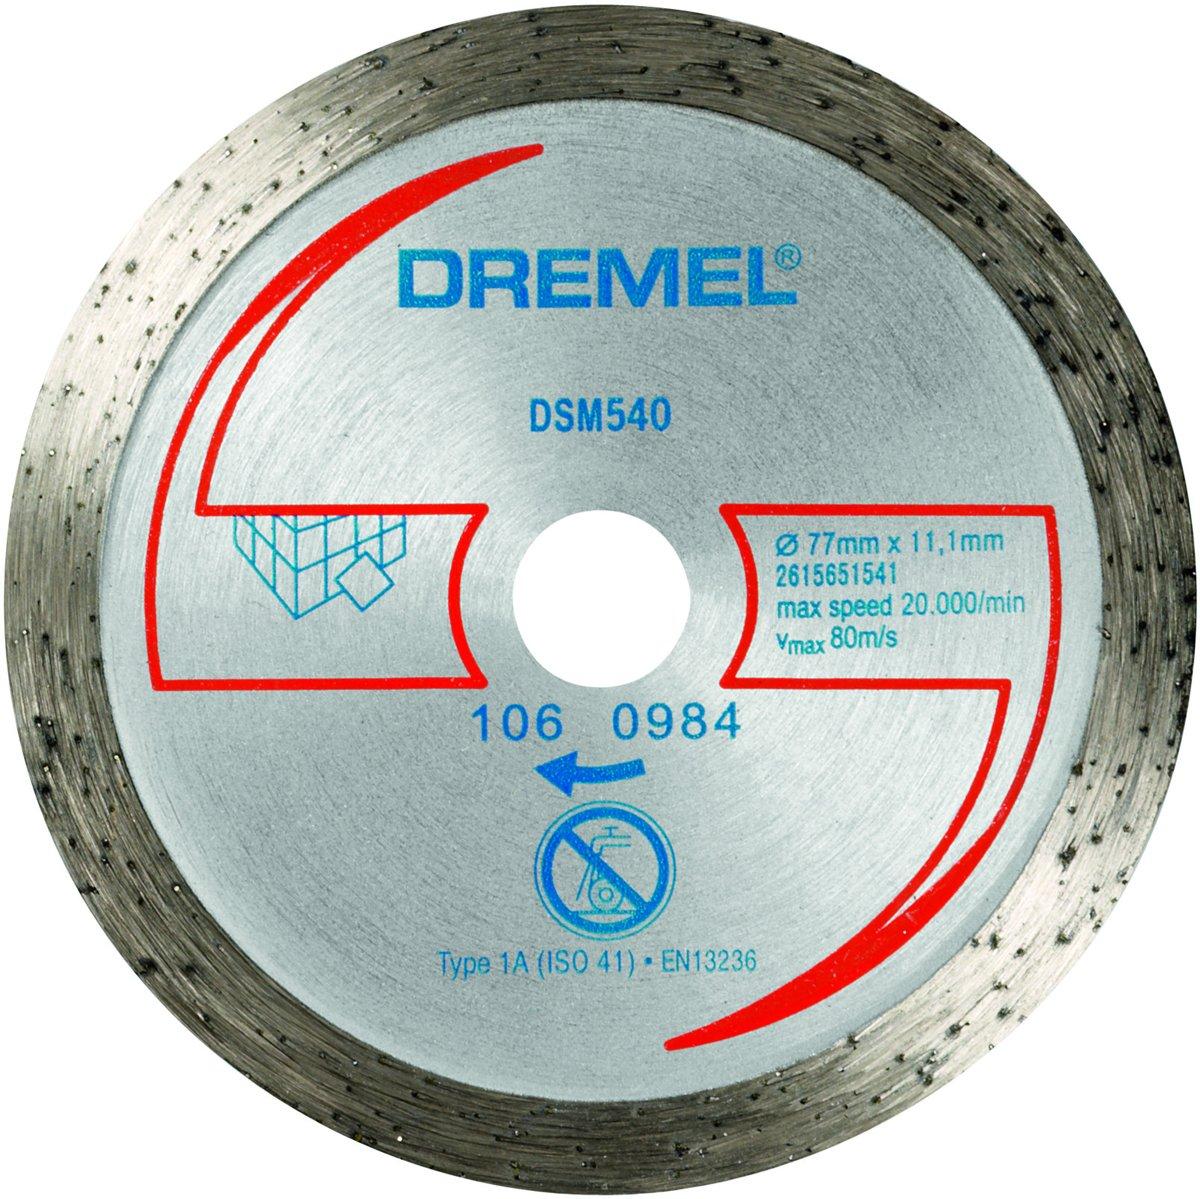 Dremel DSM20 diamantsnijschijf - DSM540